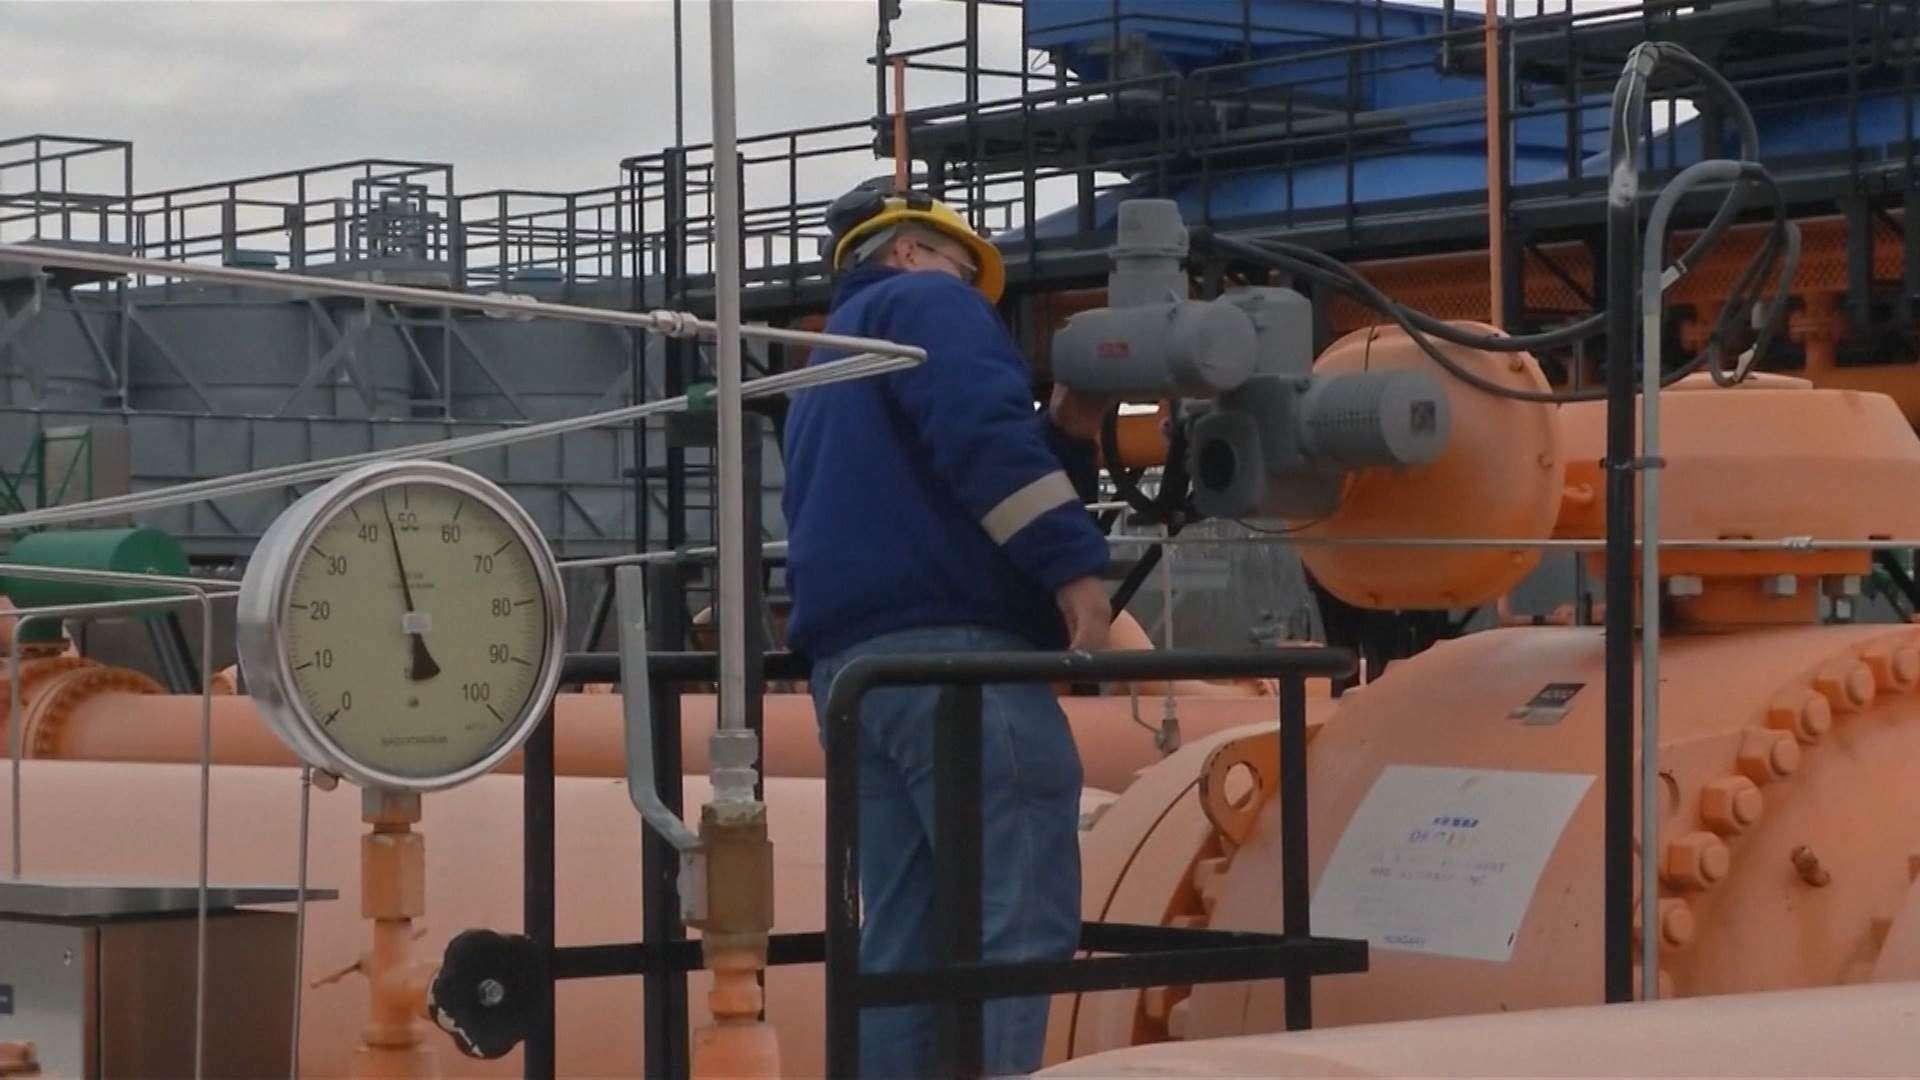 prve isporuke gasa putem gasovoda južna interkonekcija očekuju se 2023. godine